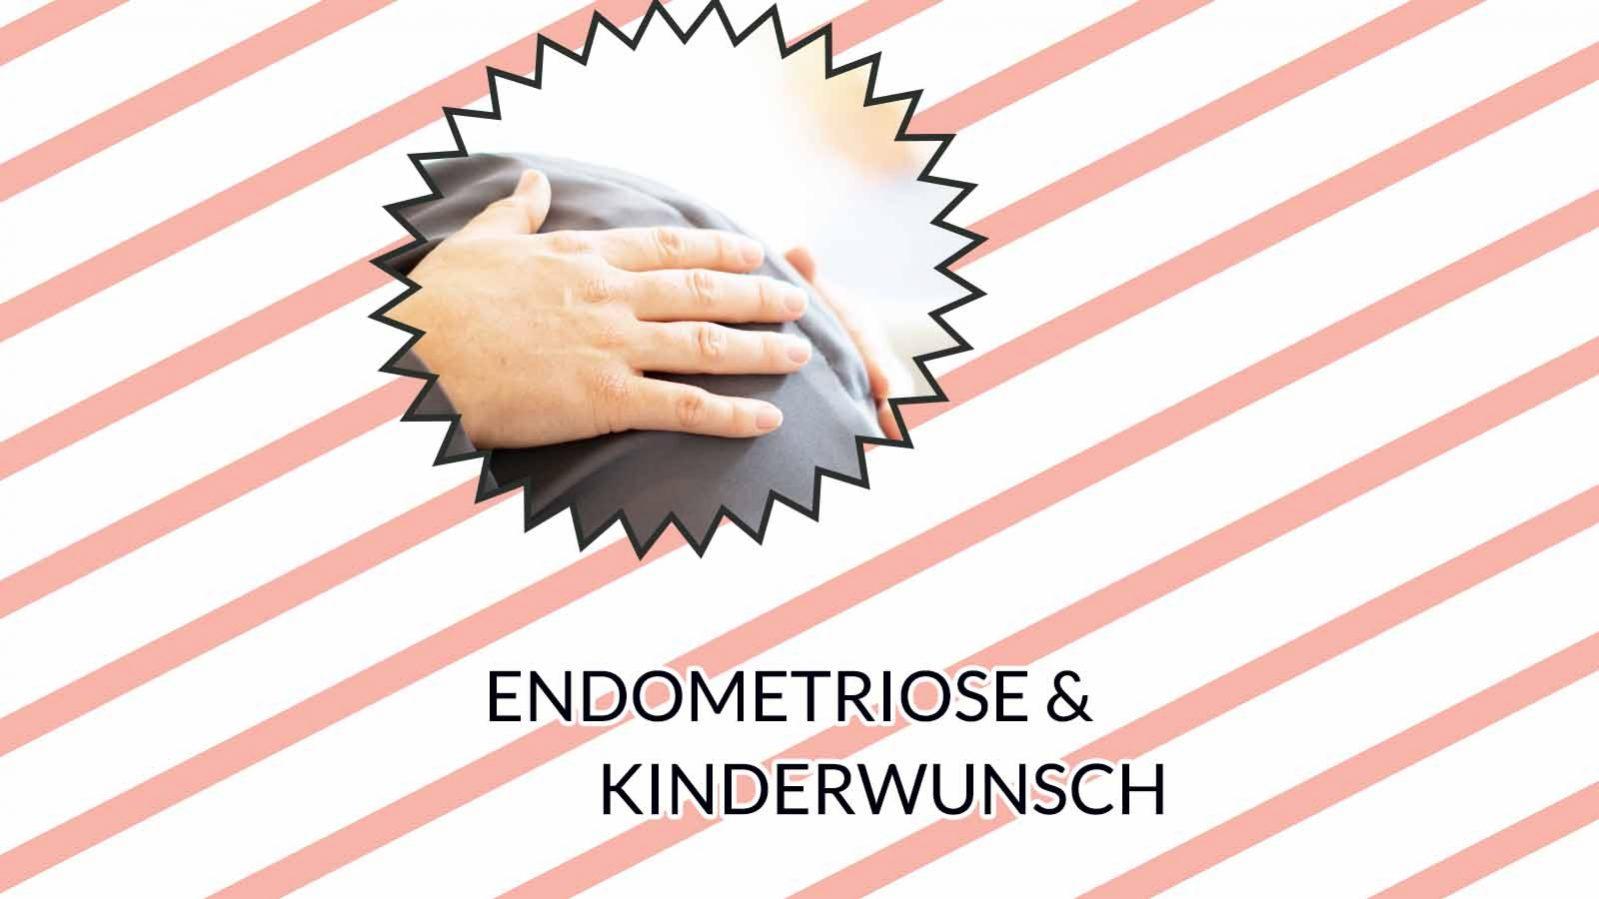 """Photo of Endometriose und Kinderwunsch:""""Man rechnet bei etwa 30 Prozent aller Kinderwunschpatientinnen mit einer Endometriose."""""""